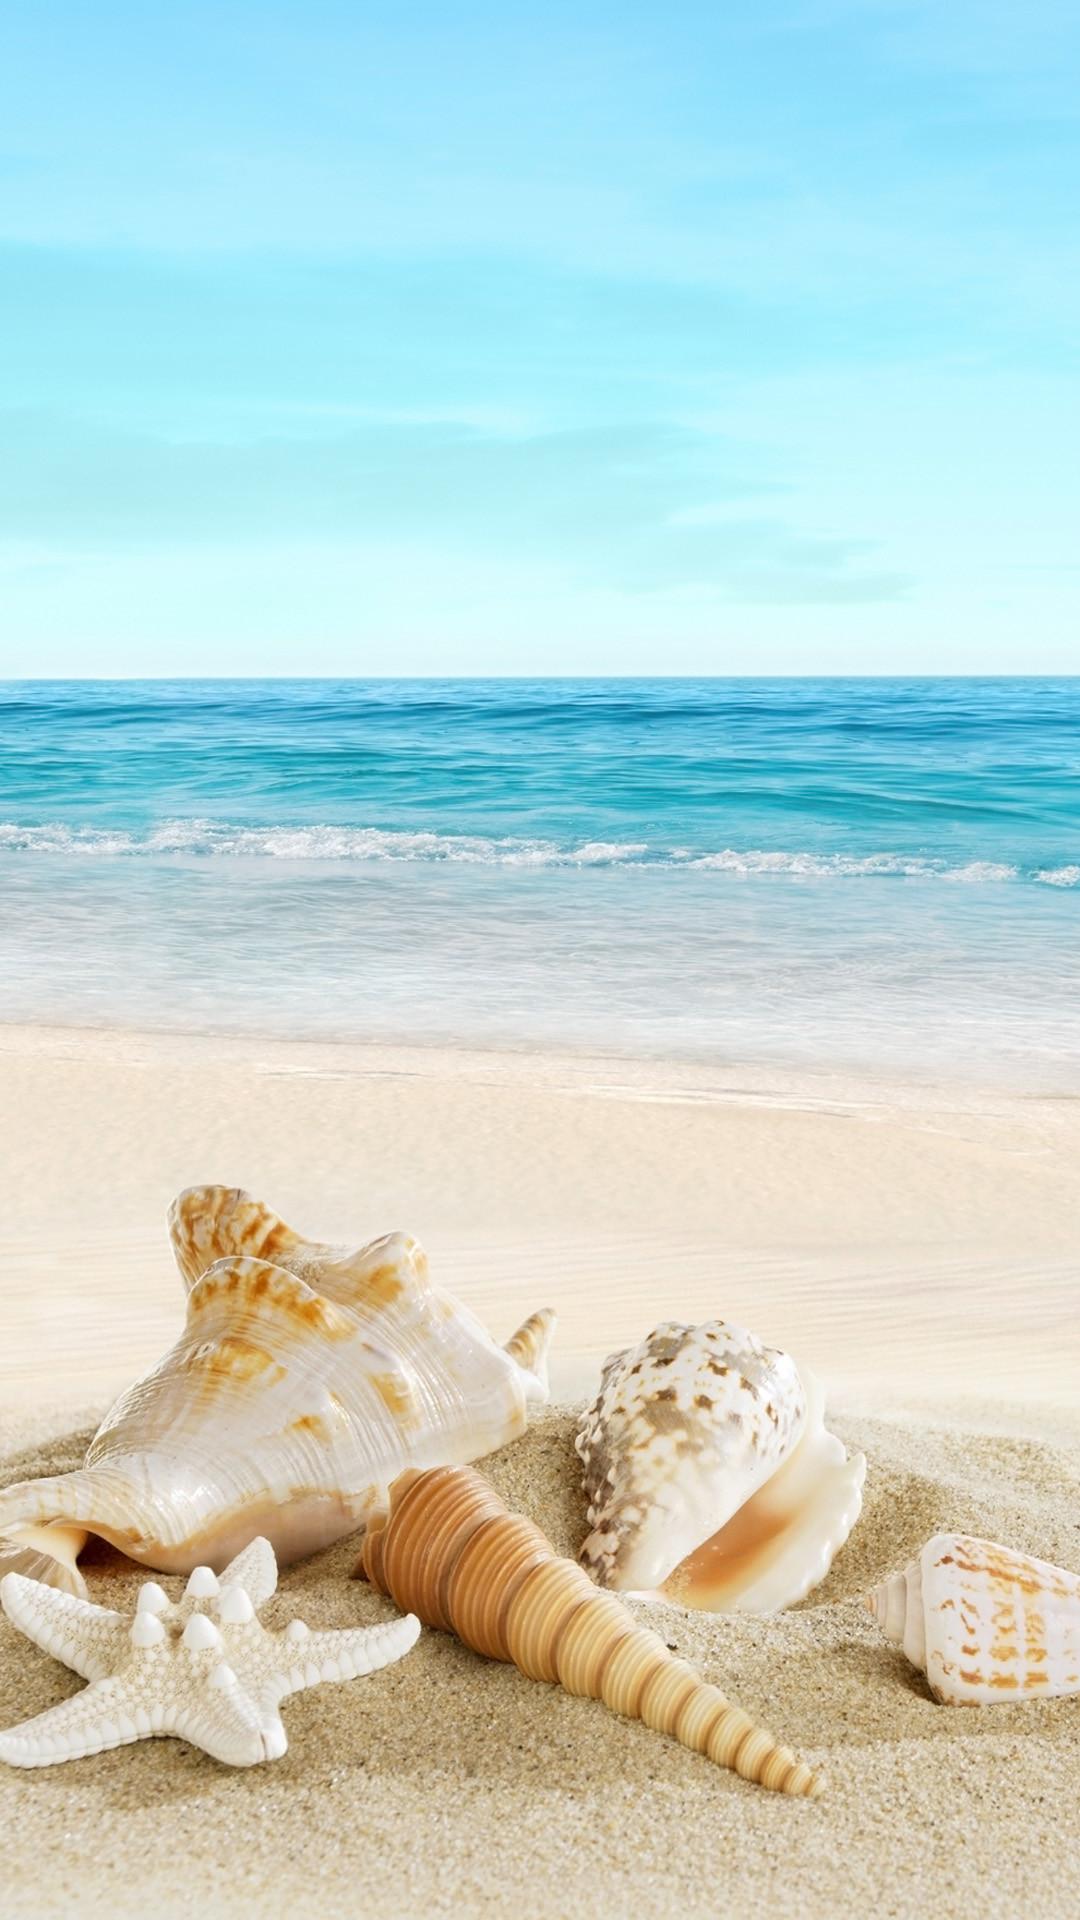 Res: 1080x1920, Ocean Scene Wallpaper 47